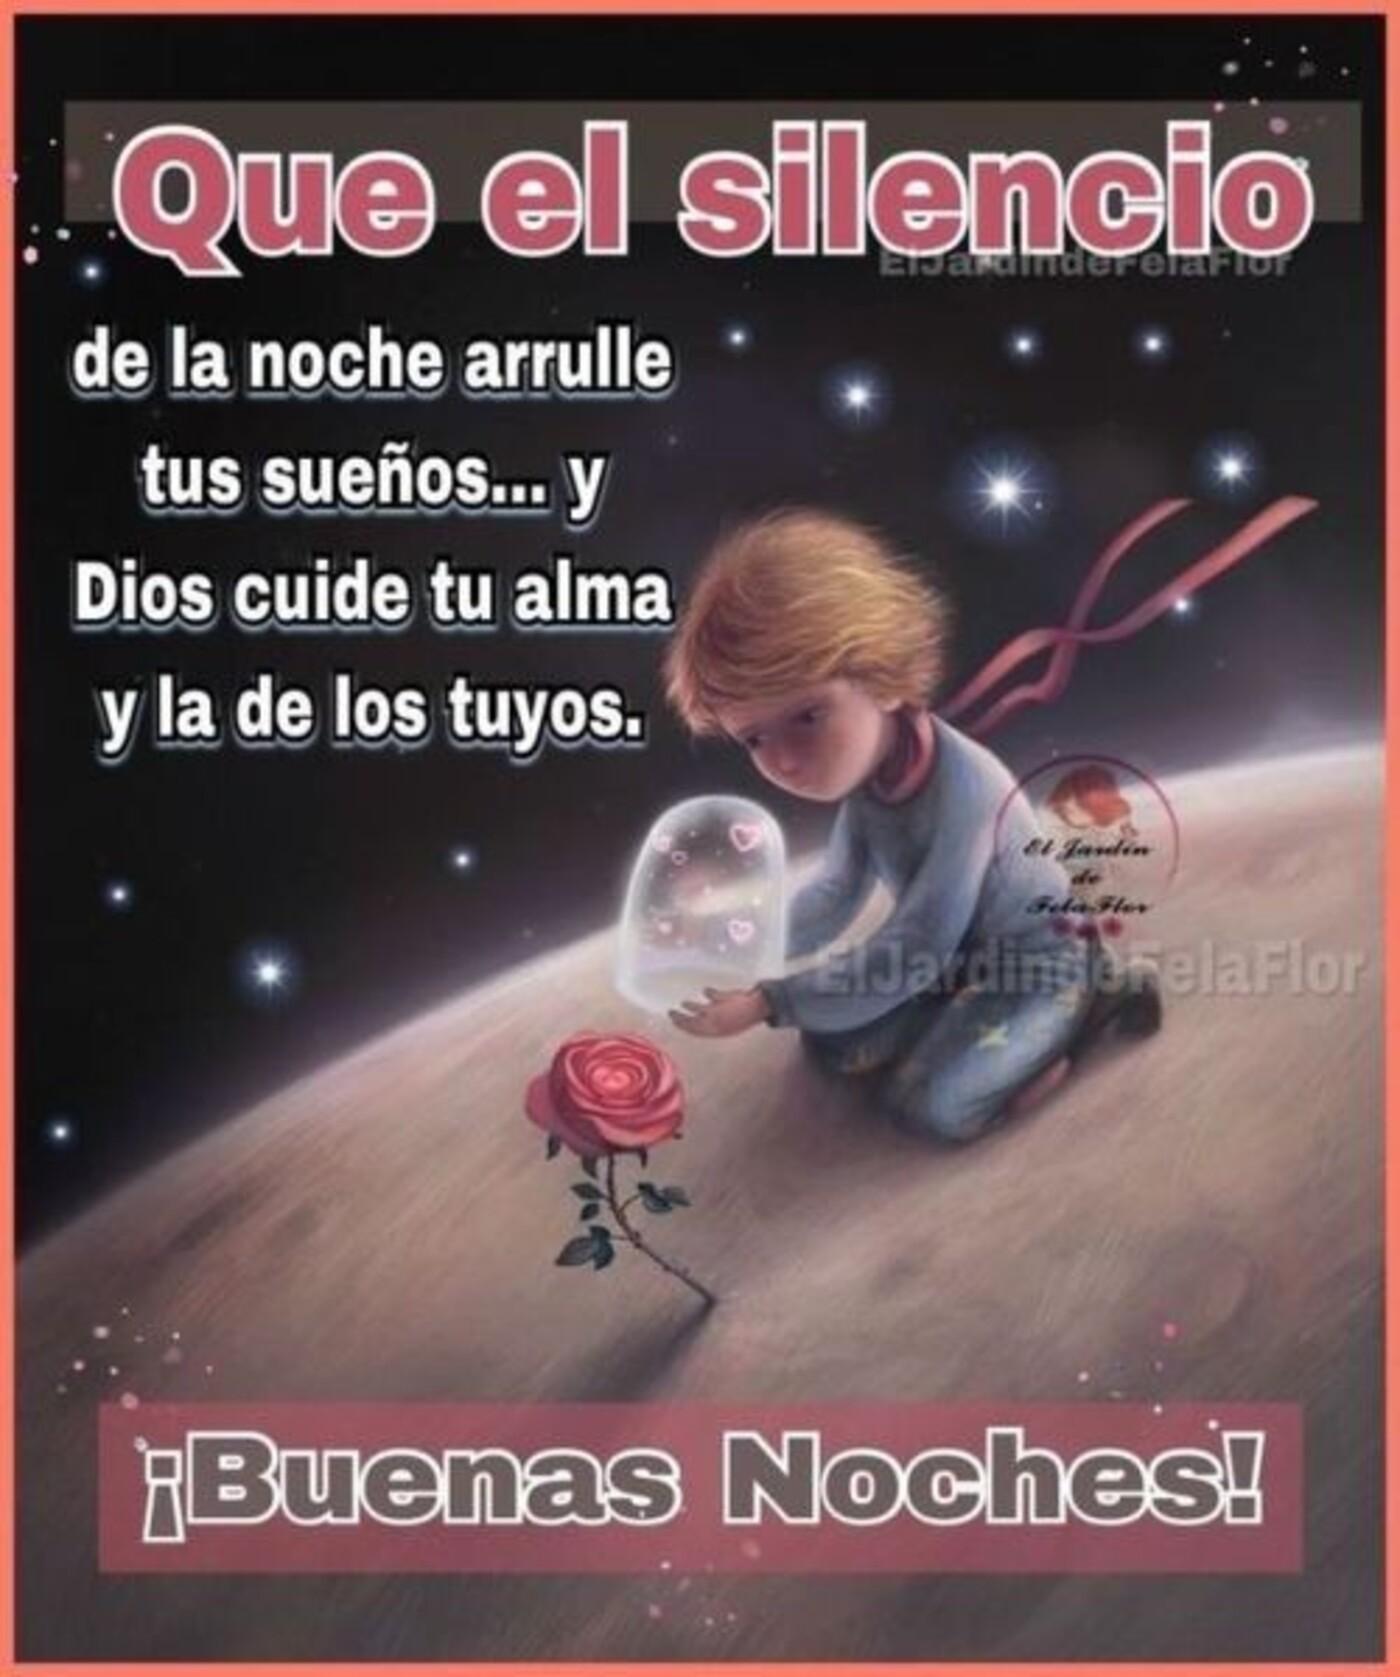 Que el silencio de la noche arrulle tus sueños...y Dios cuide tu alma y la de los tuyos. Buenas noches